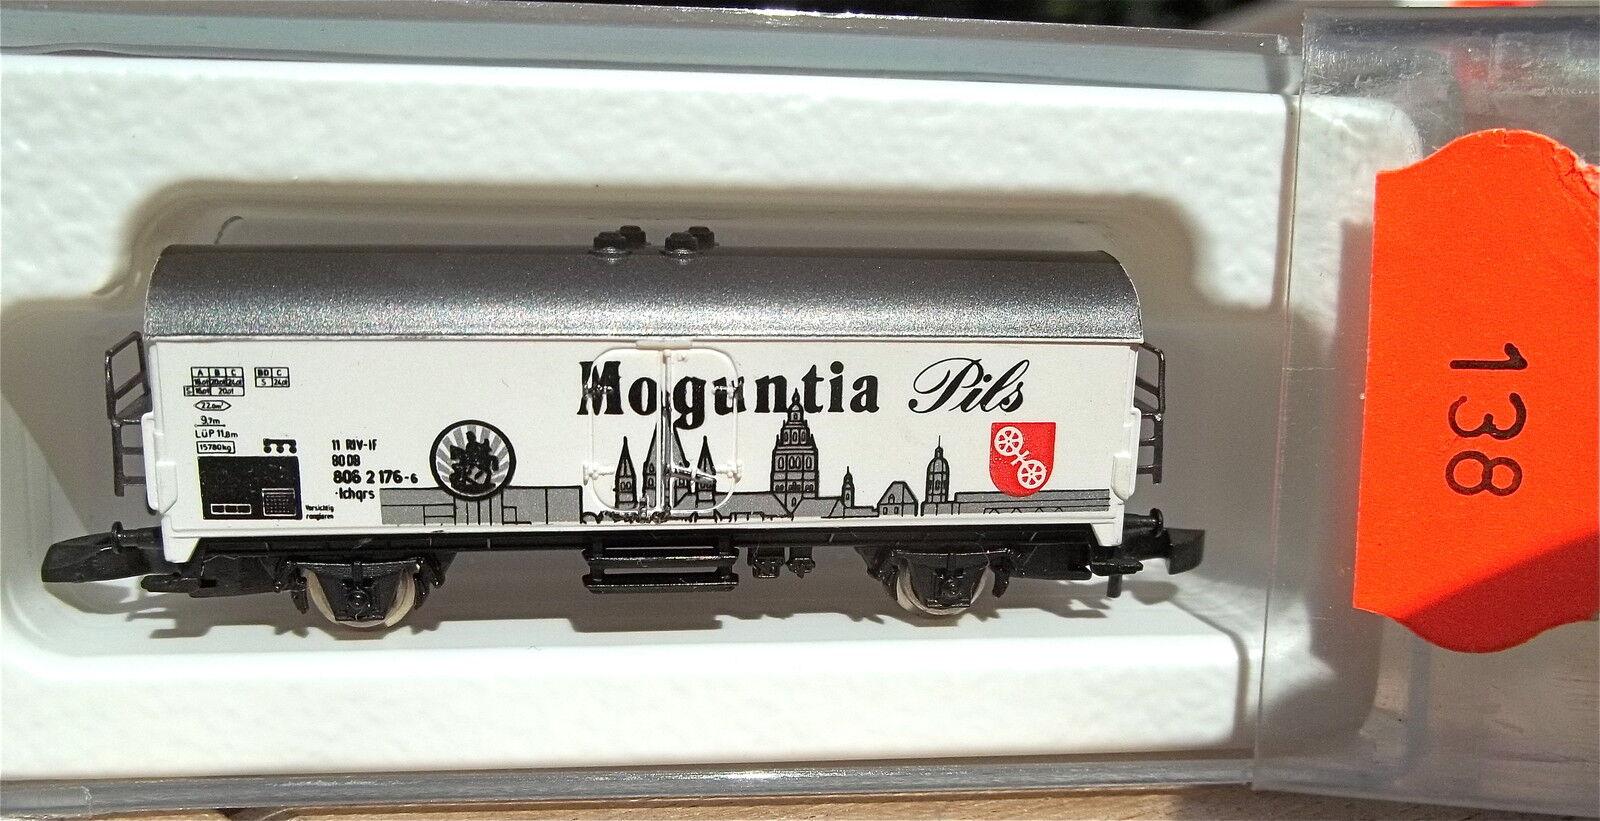 Moguntia Moguntia Moguntia Pils, Kolls 86013 Märklin 8600 Spur Z 1 220 138  | Outlet Store  626e77